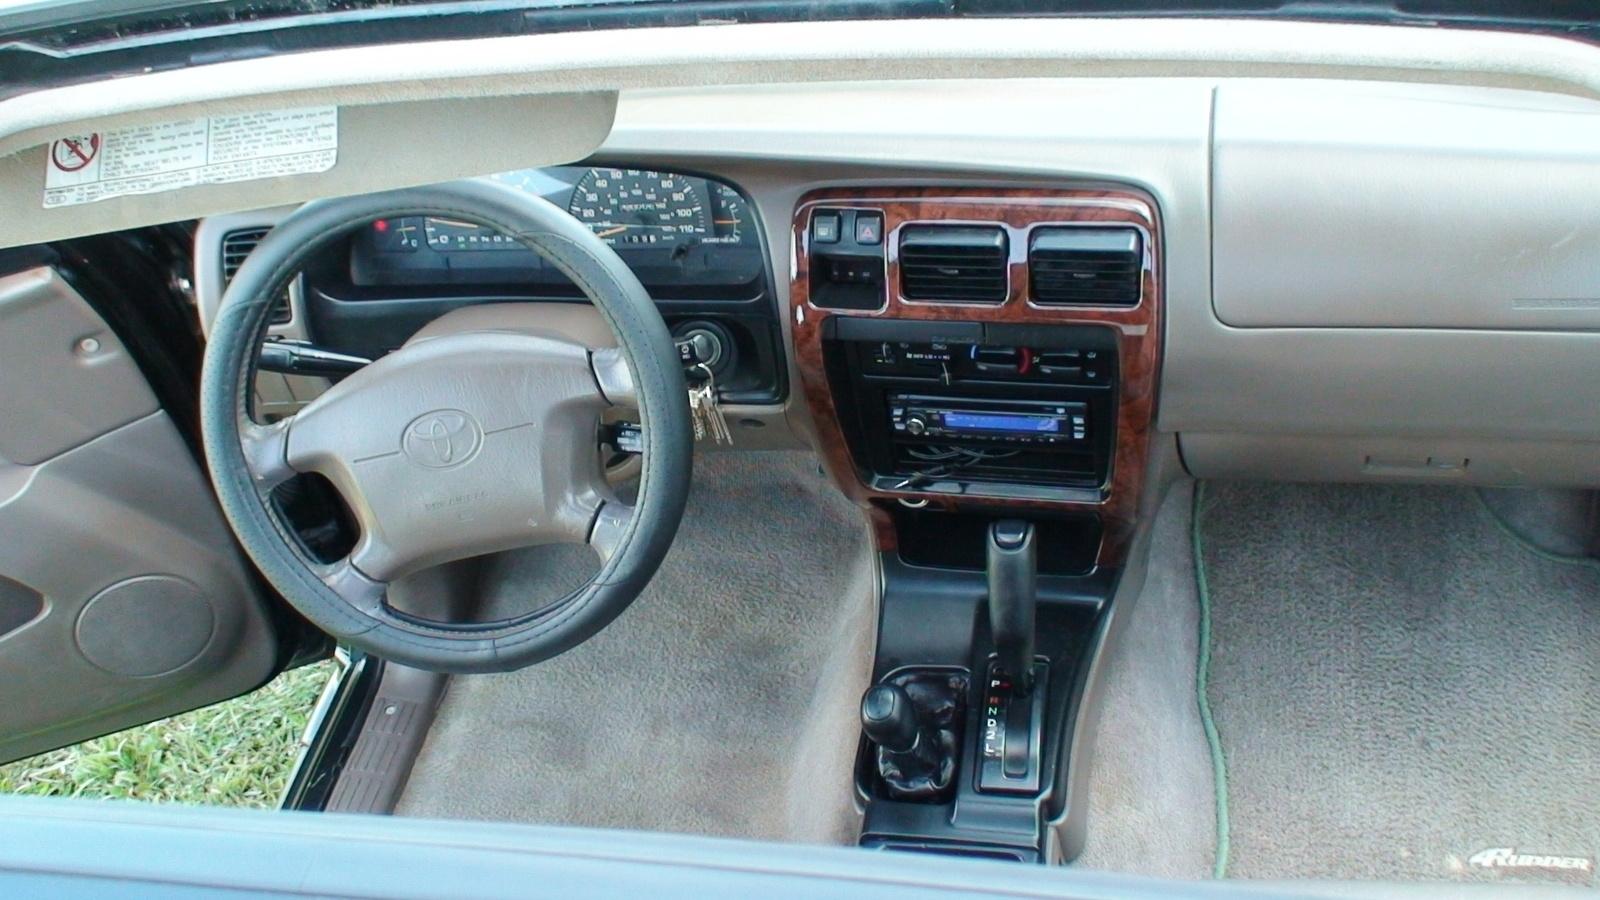 1992 Toyota 4runner User Manual